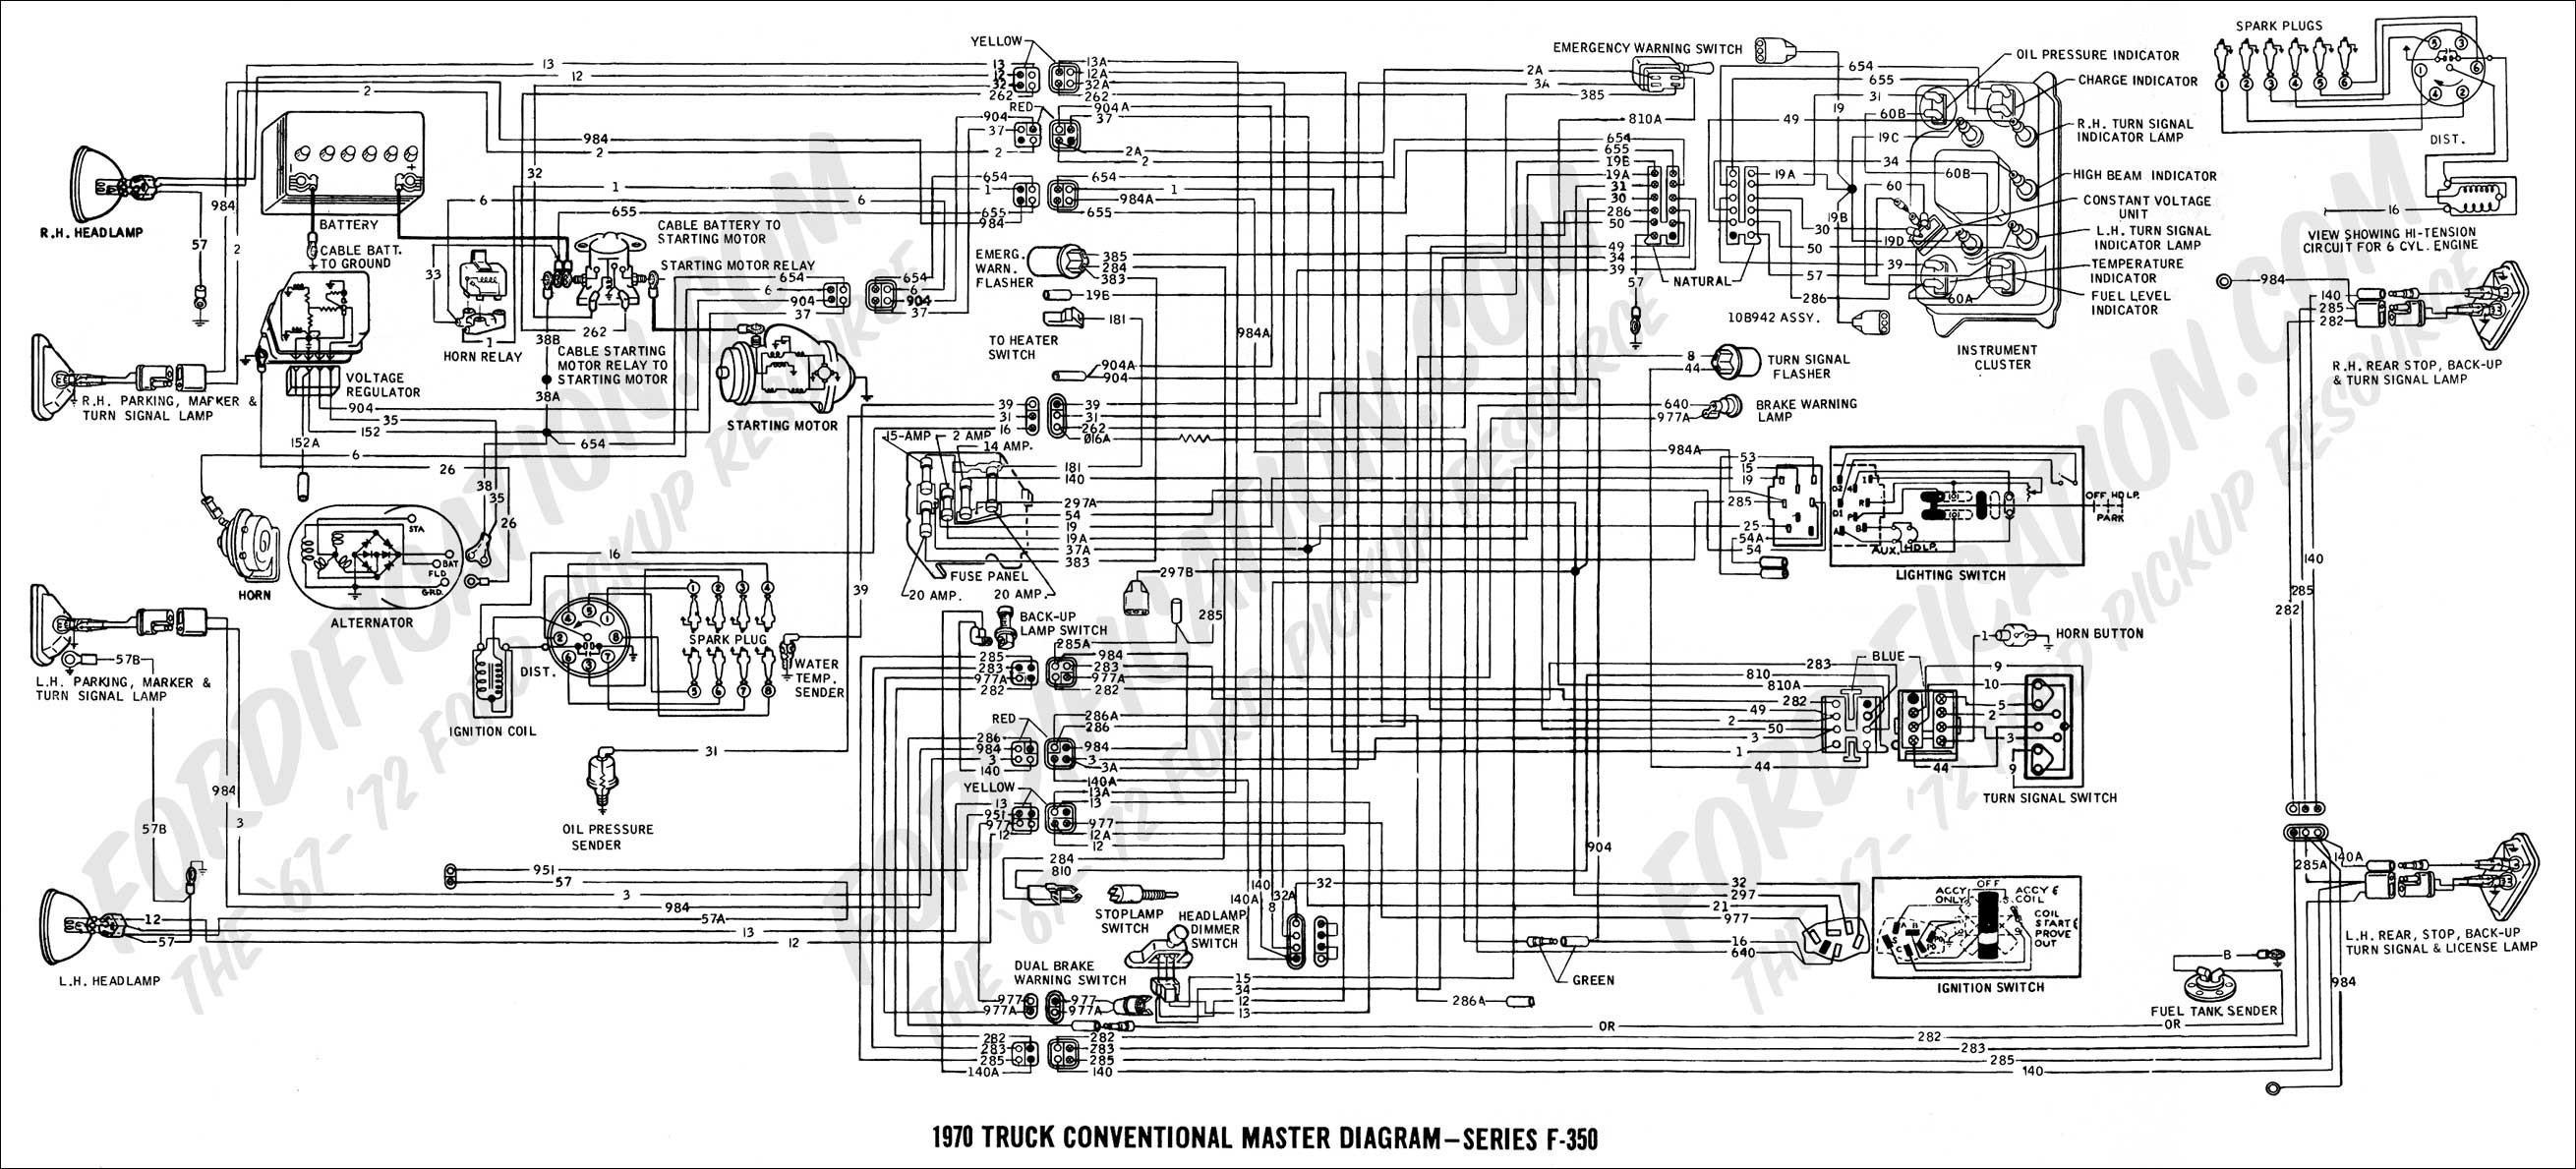 1998 ford Windstar Engine Diagram Wrg 5660] Windstar 3 8 Engine Diagram Of 1998 ford Windstar Engine Diagram